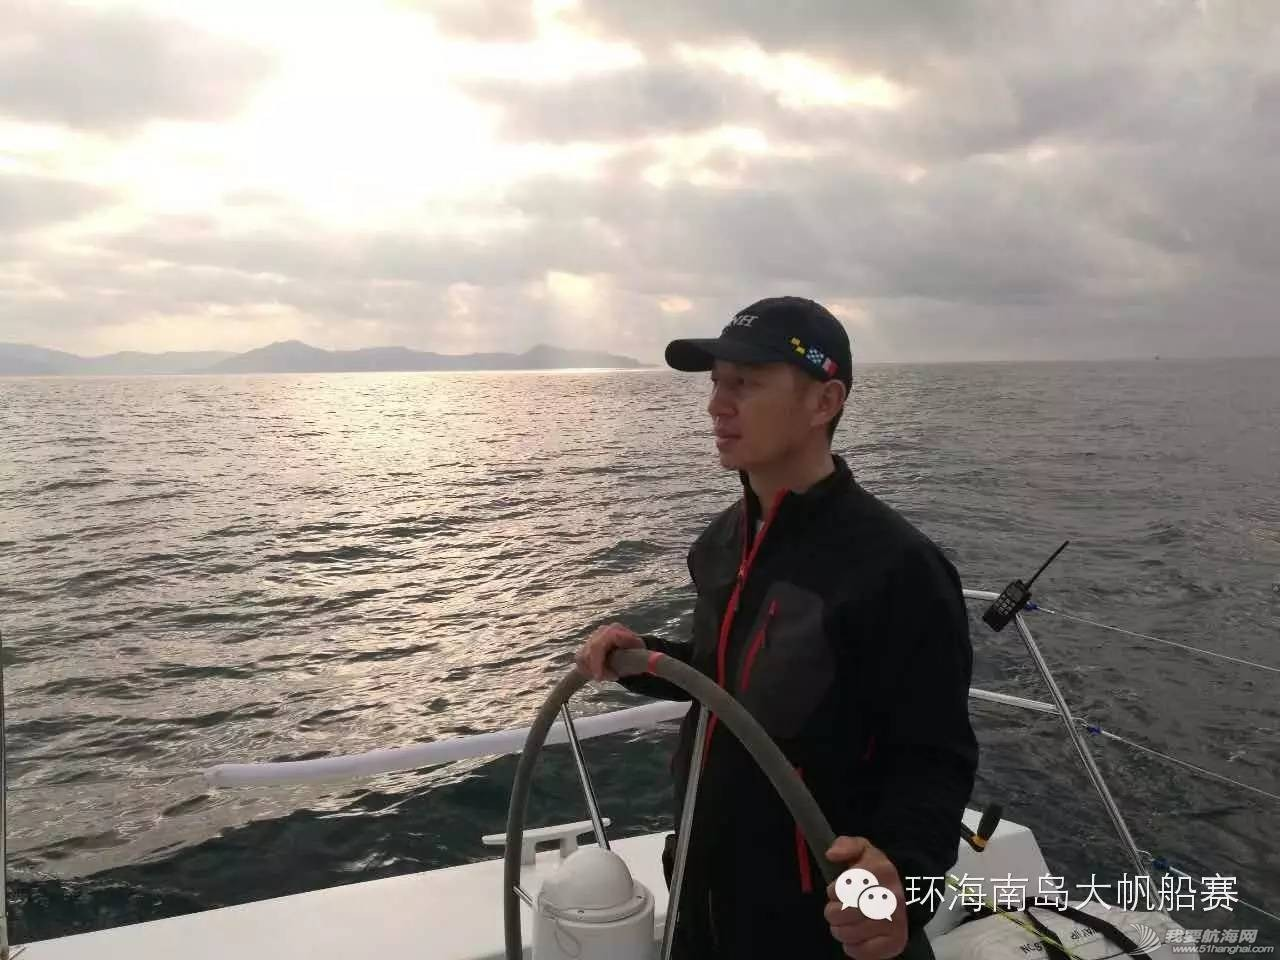 帆船运动,那些事儿,海南岛,老男孩,梦之队 关于海帆赛的那些事儿 655276dd3079dc1418b299d79c7fb522.jpg